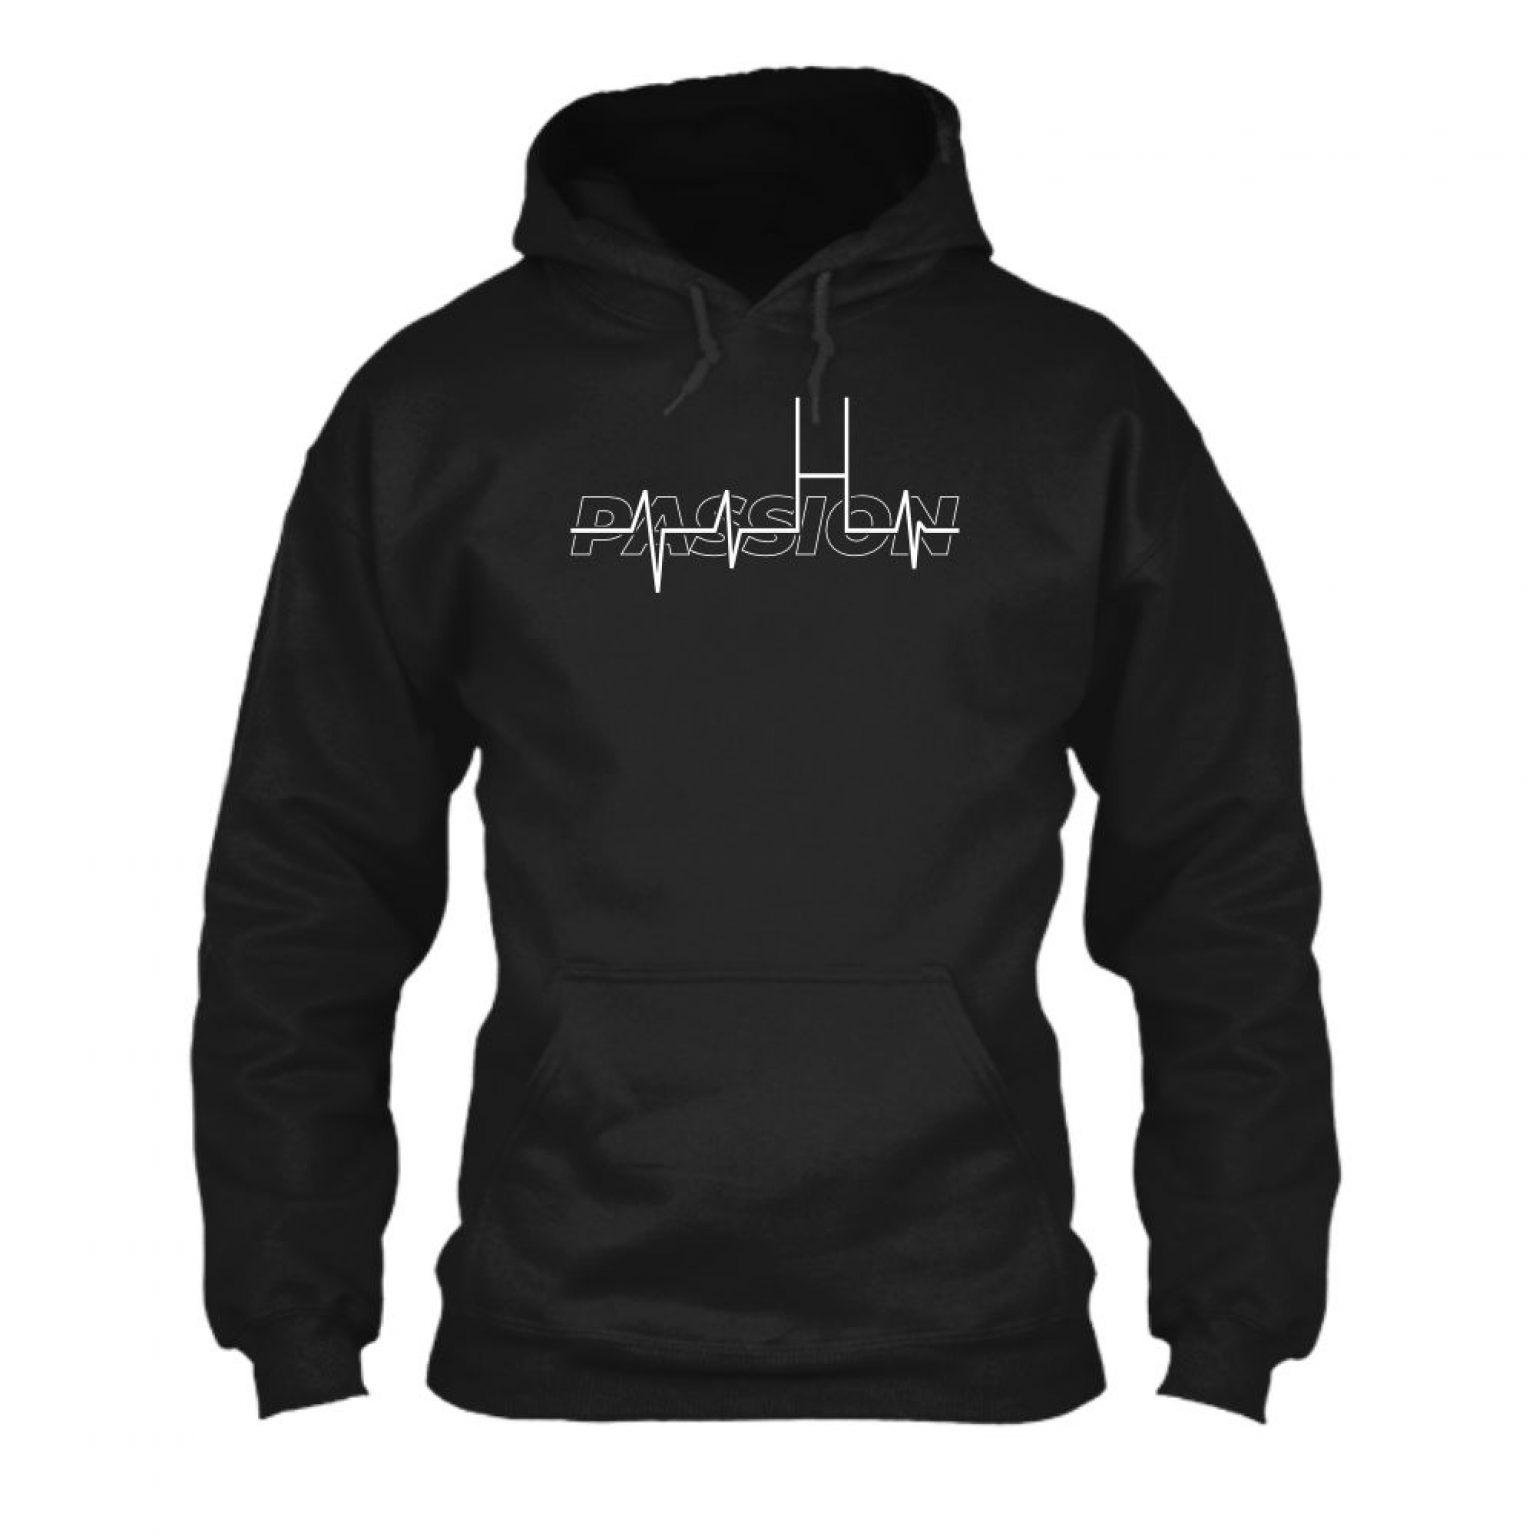 passion hoodie herren black front